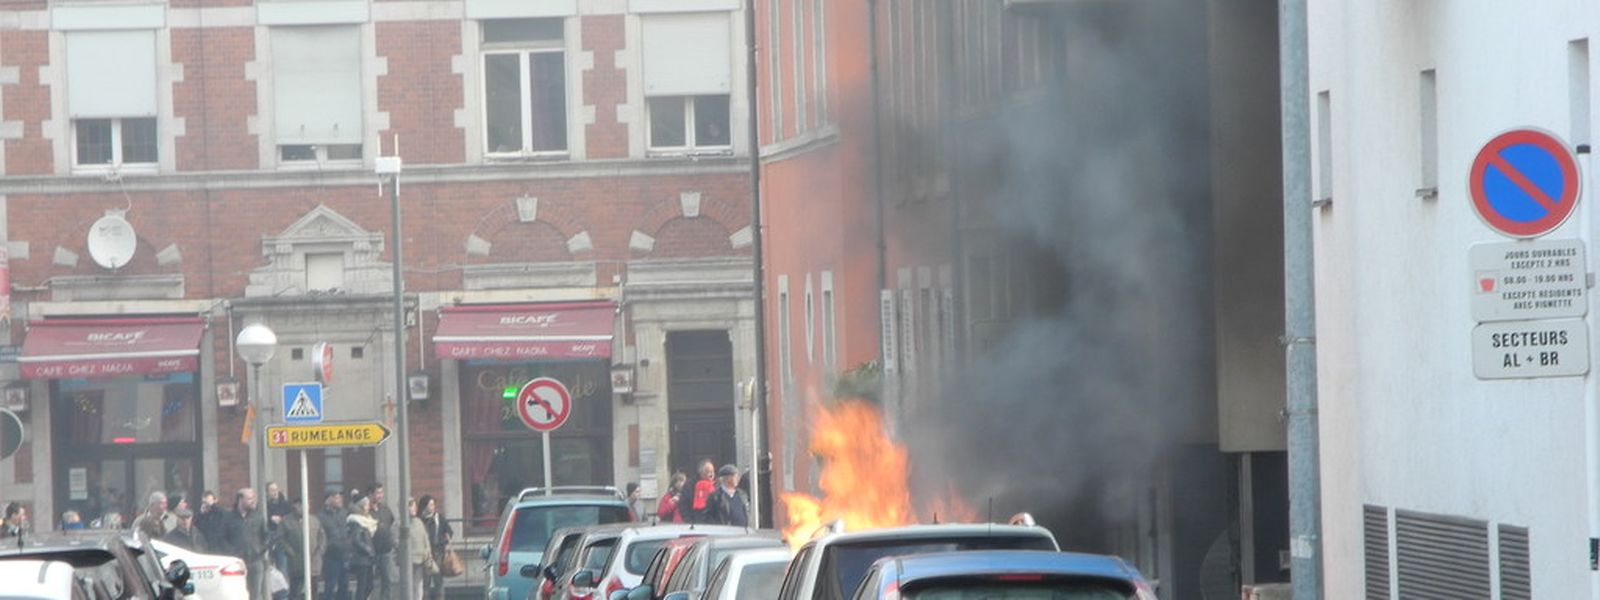 Autobrand in Esch/Alzette am 20. Februar gegen 10 Uhr in der Rue Nothomb unweit des Hauptbahnhofs